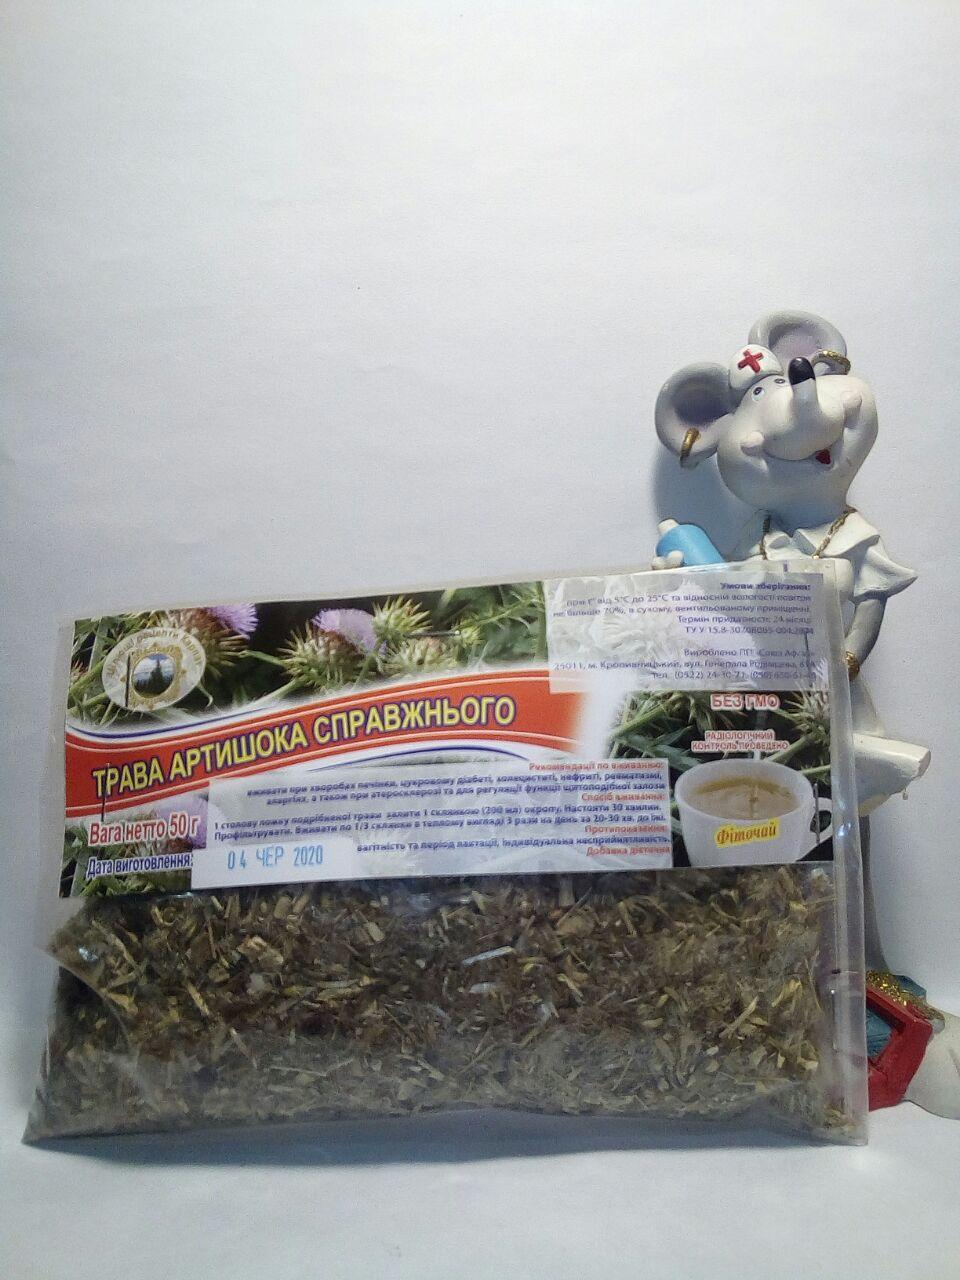 Покупаете траву артишок для поддержки печени, почек, снятия аллергических проявлений, интоксикации, уменьшения холестерина